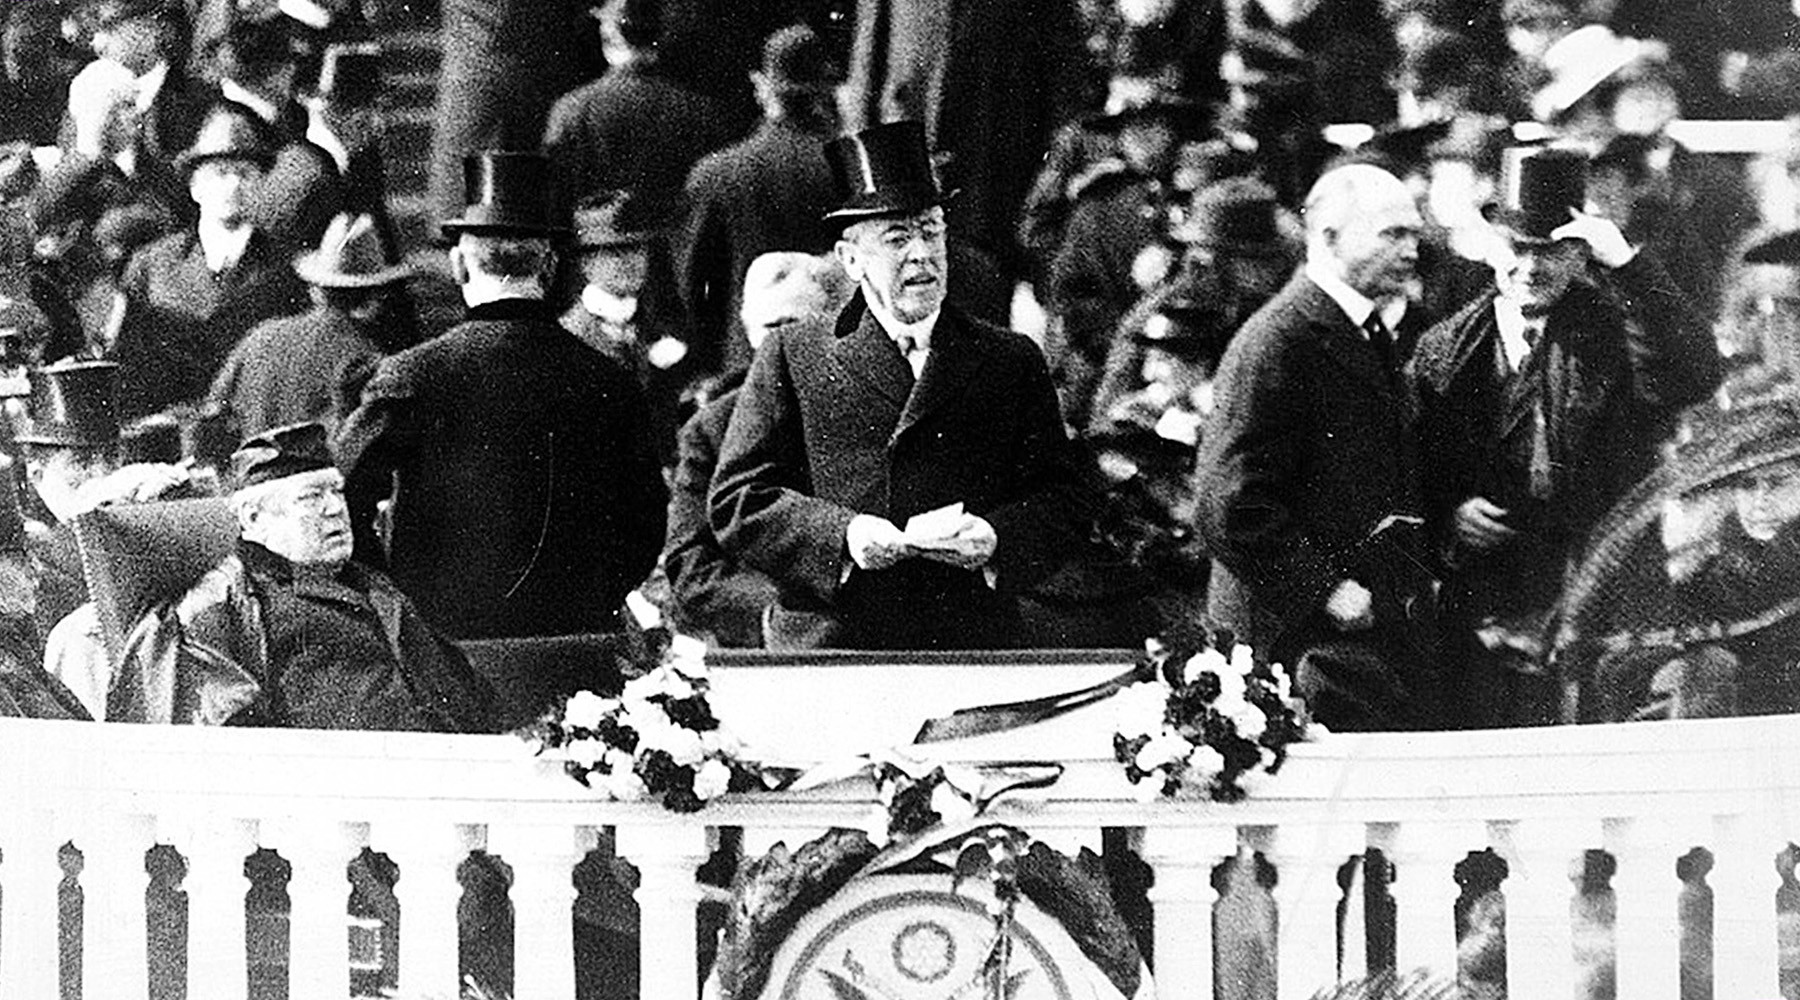 Доктрина господства: 100 лет назад Вудро Вильсон представил 14 пунктов, ставших основой нового миропорядка